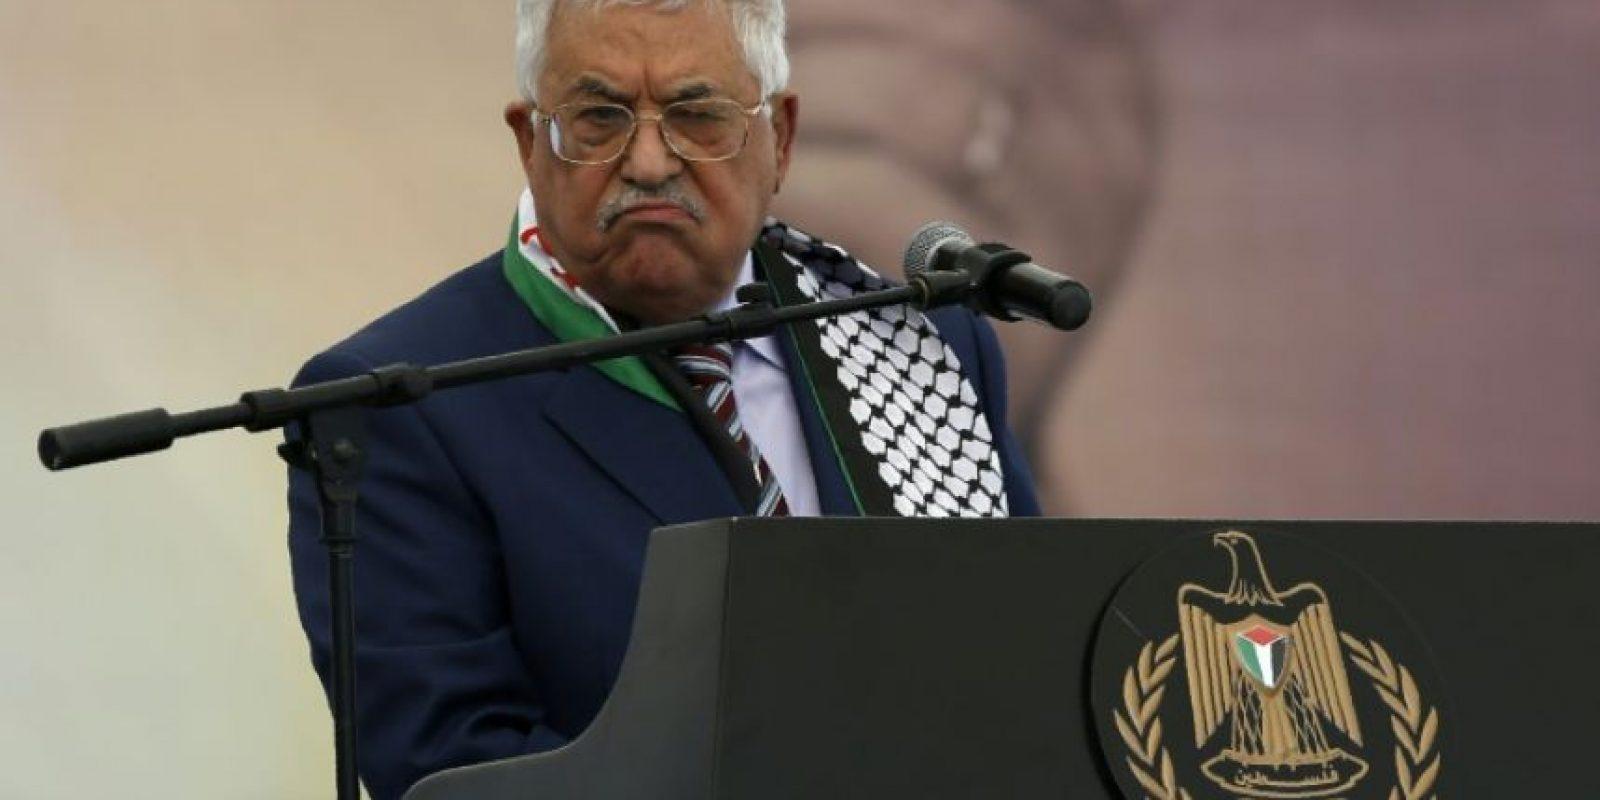 El presidente de la Autoridad Palestina, Mahmud Abas, durante la celebración del duocécimo aniversario de la muerte del líder palestino Yaser Arafat, en Ramala (Cisjordania), el 10 de noviembre de 2016 Foto:Abbas Momani/afp.com